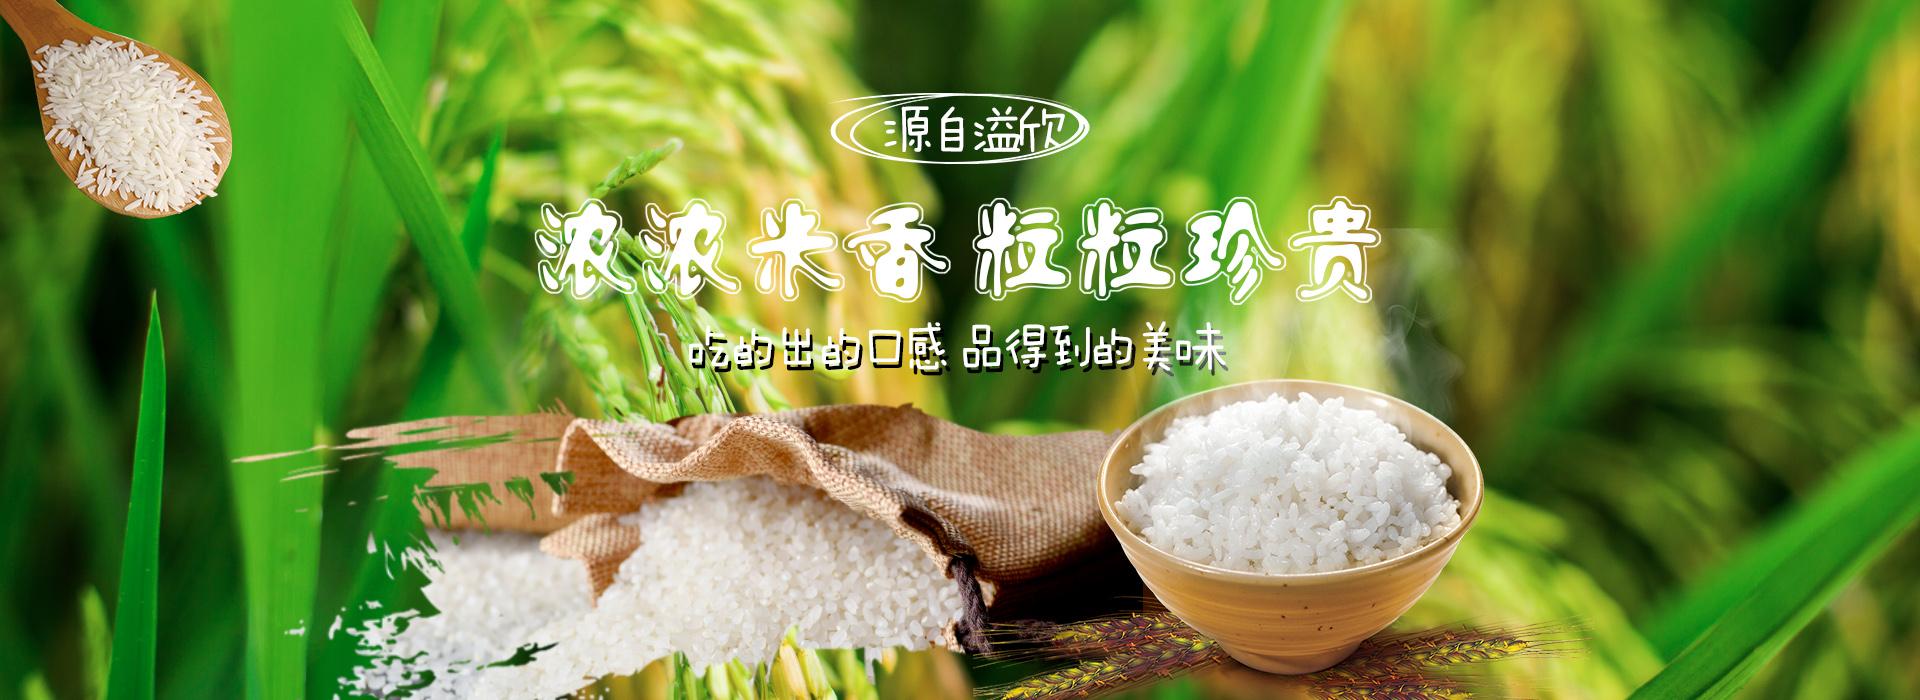 富硒锌大米厂家